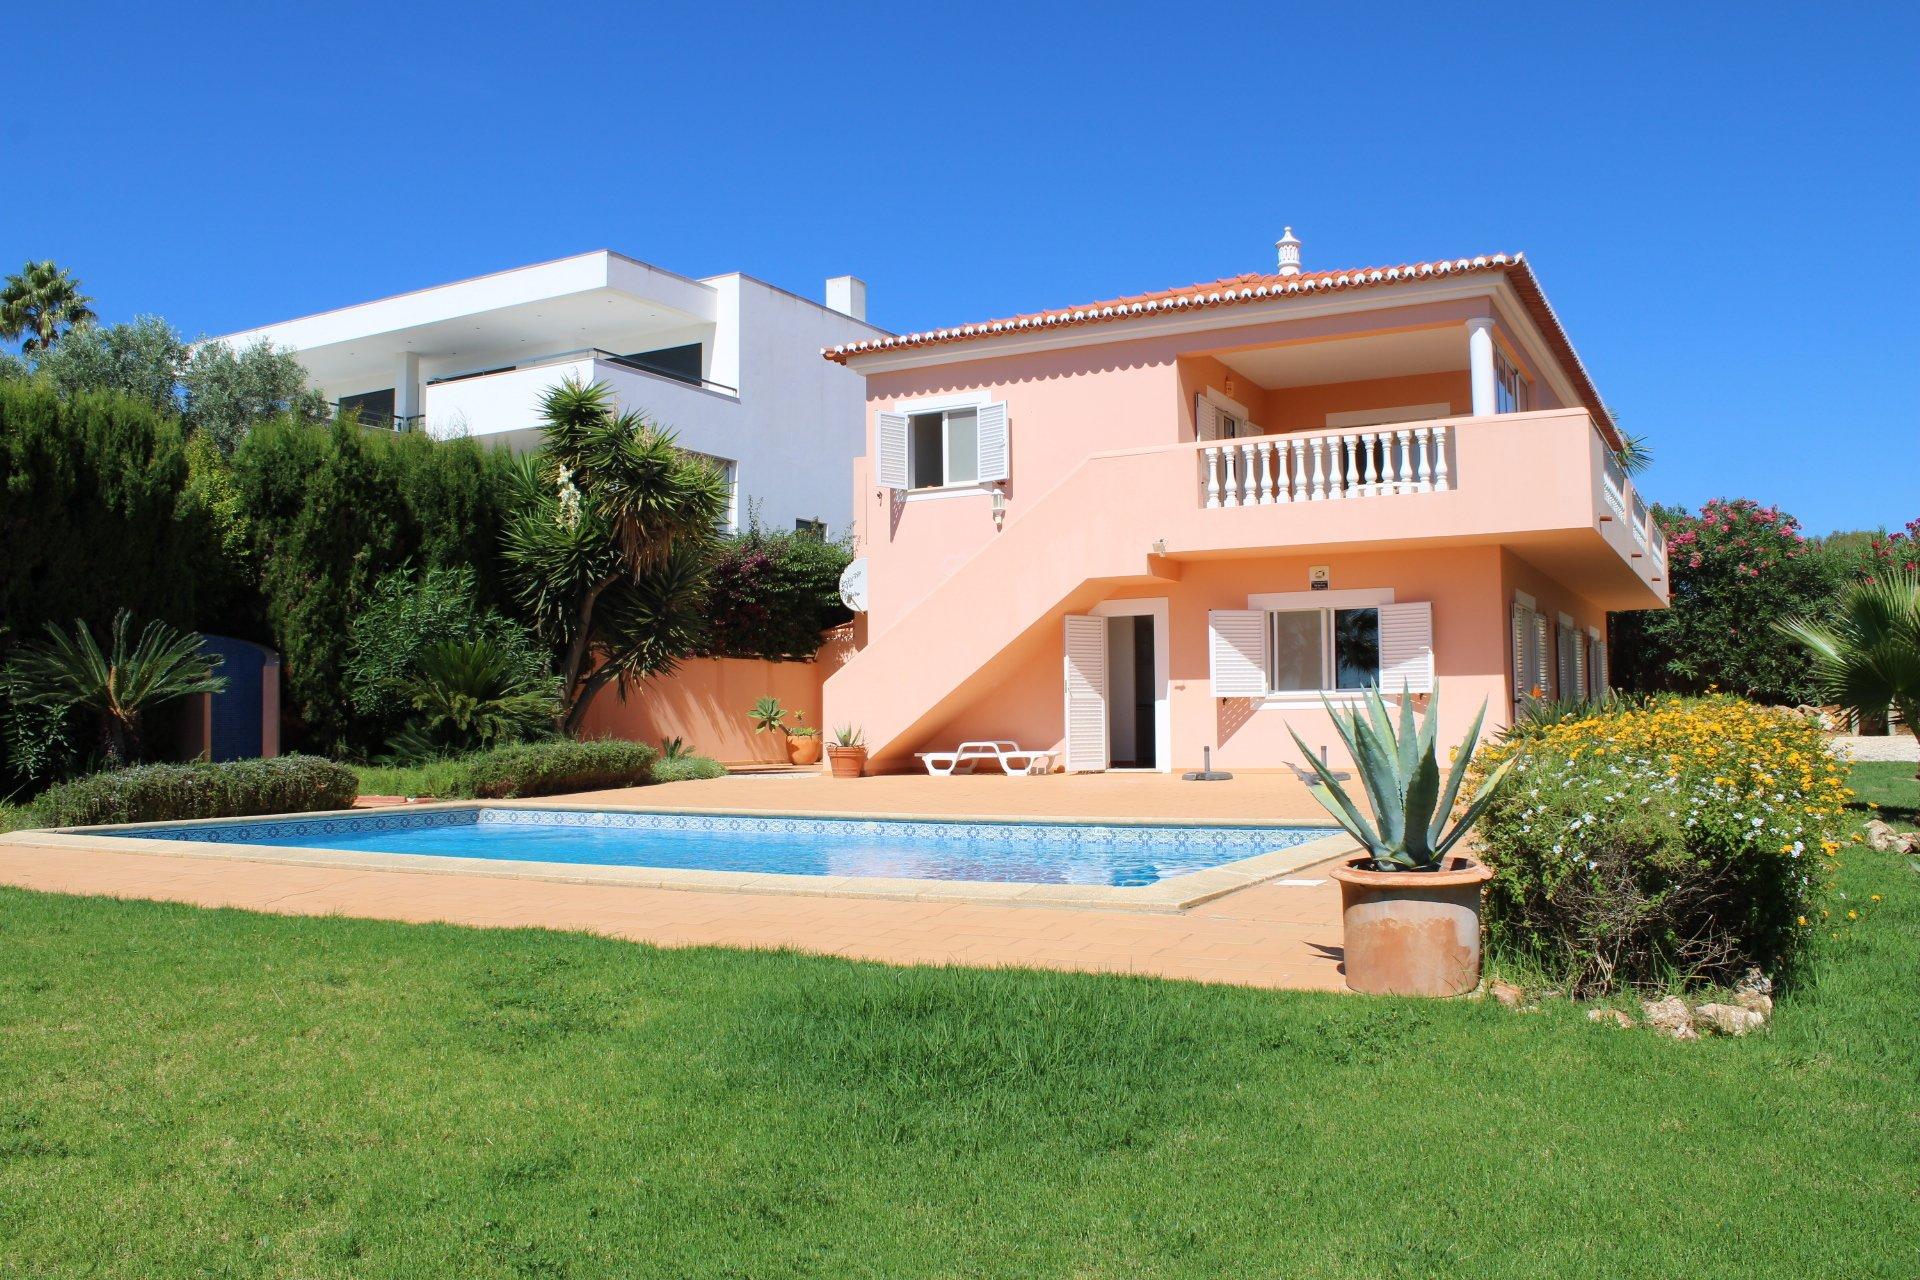 3 Bedroom Villa Lagos, Western Algarve Ref: GV633